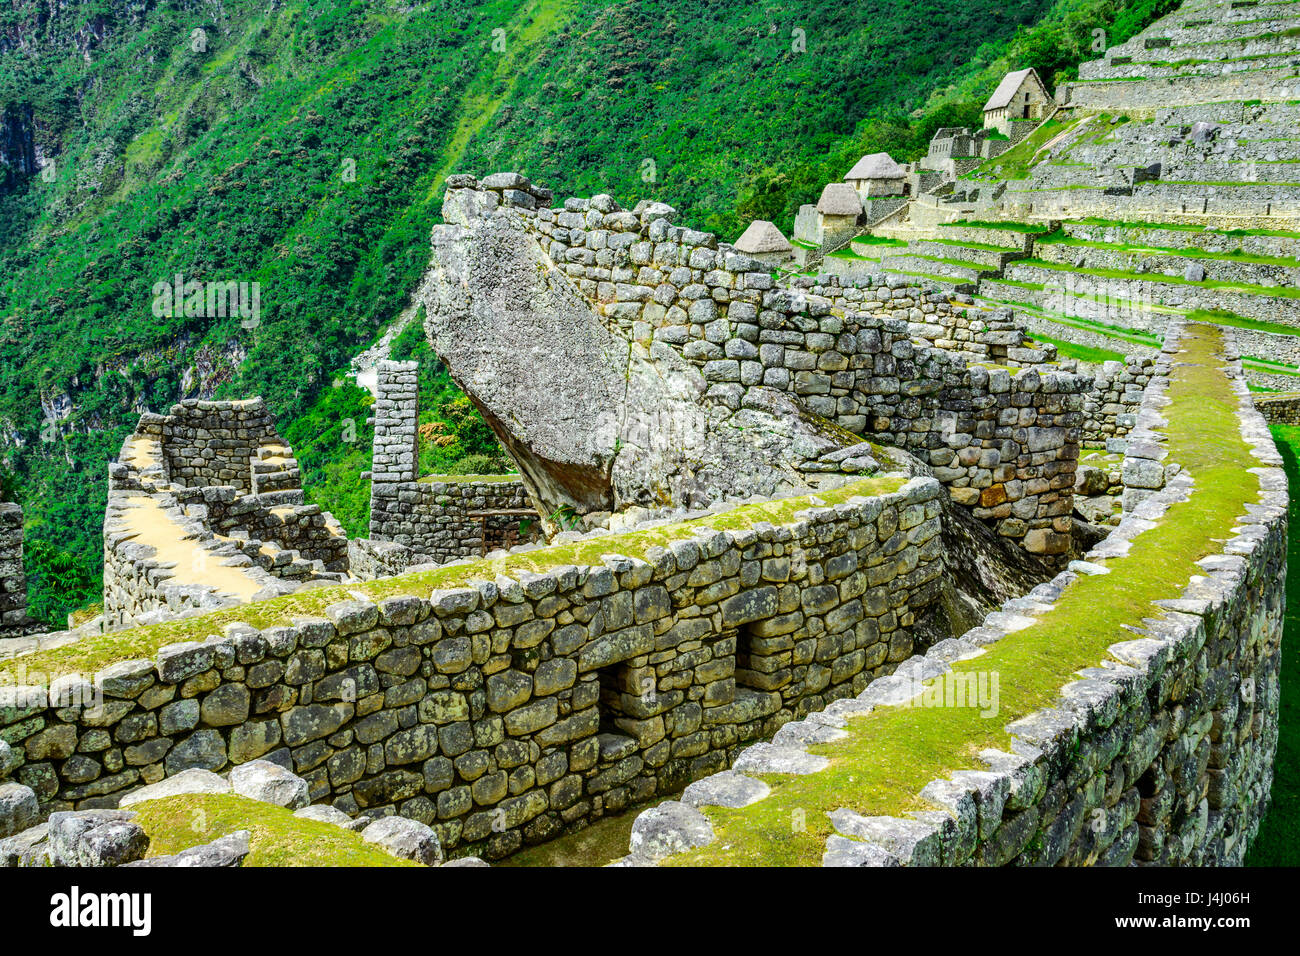 Condor templo Machu Picchu, ruinas Incas en los Andes peruanos, a Cusco Peru Foto de stock